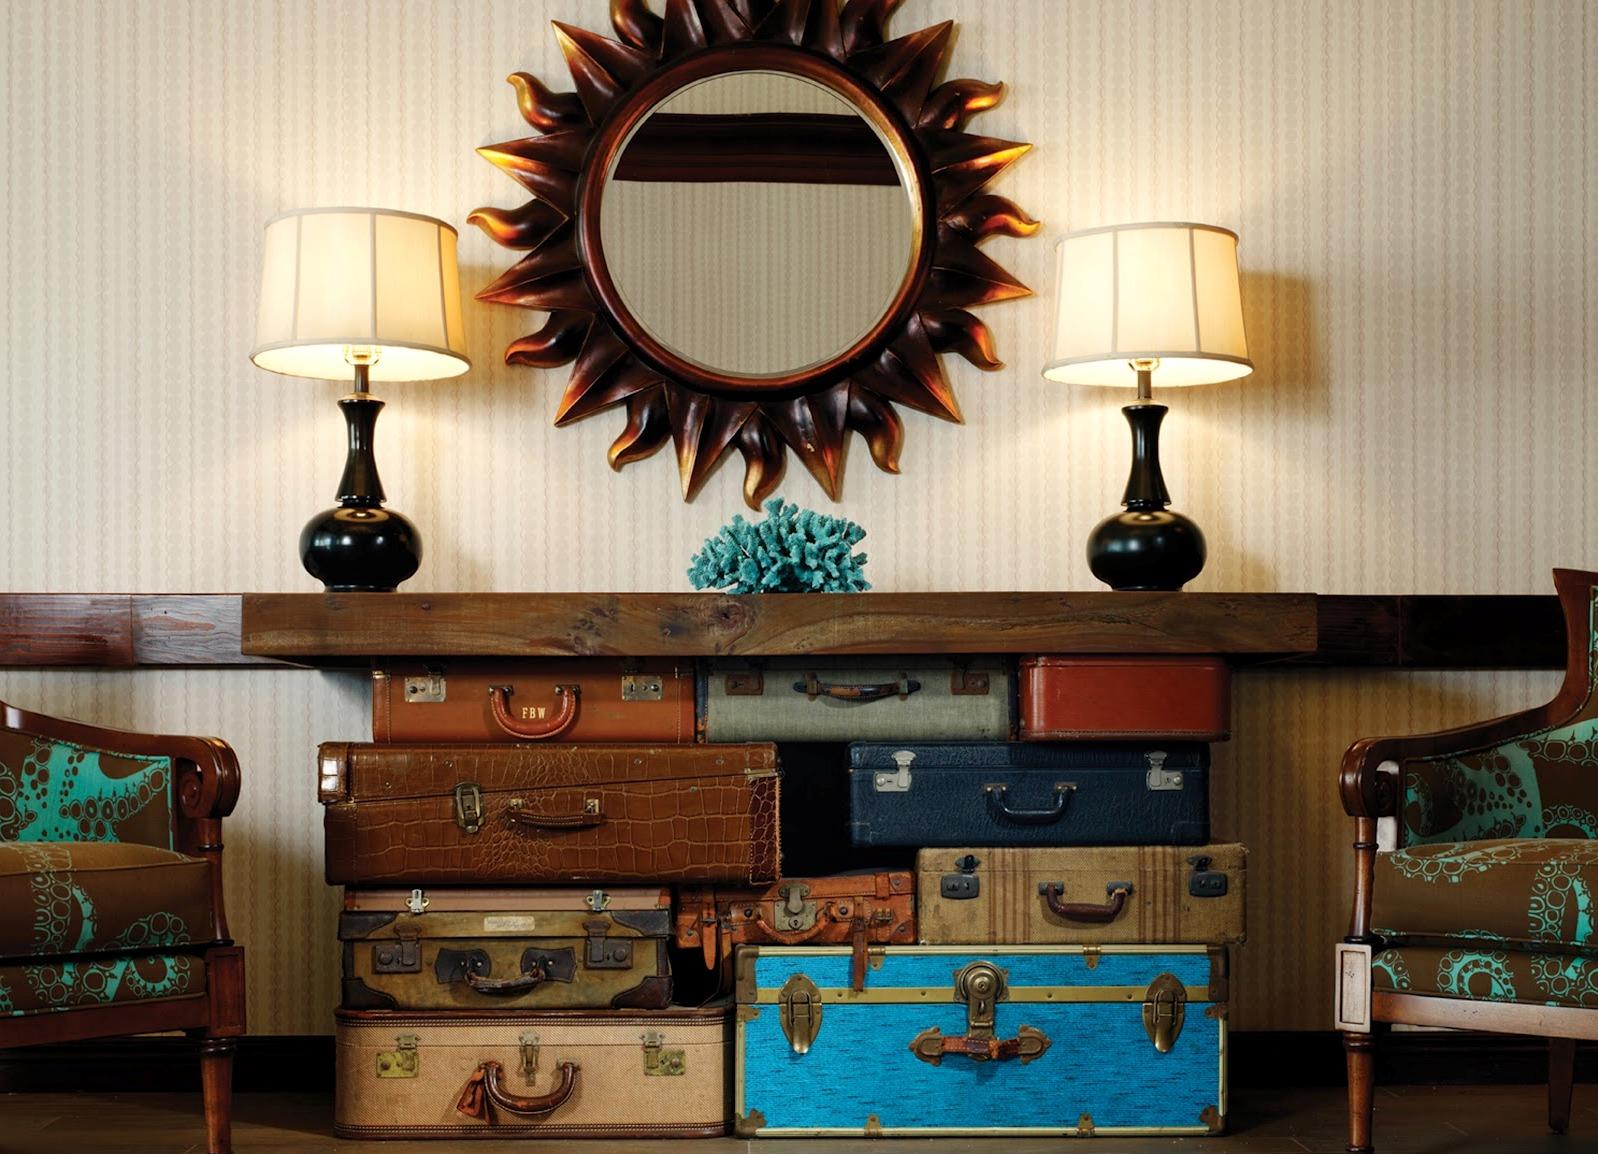 Лайфхаки для дома своими руками из ненужных вещей: 52 крутые идеи с фото